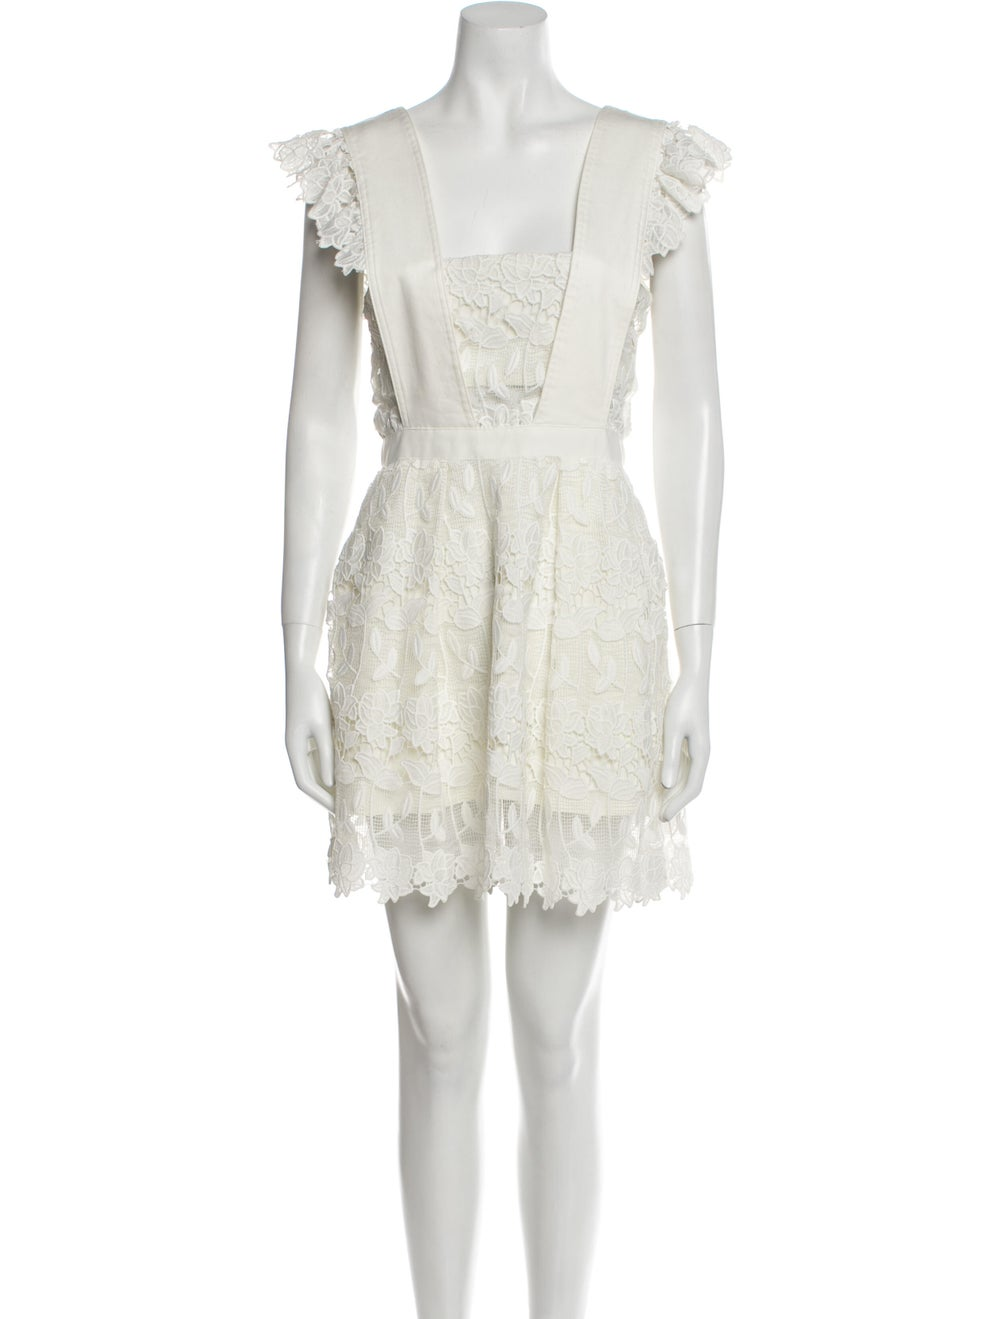 Self-Portrait Square Neckline Mini Dress White - image 1